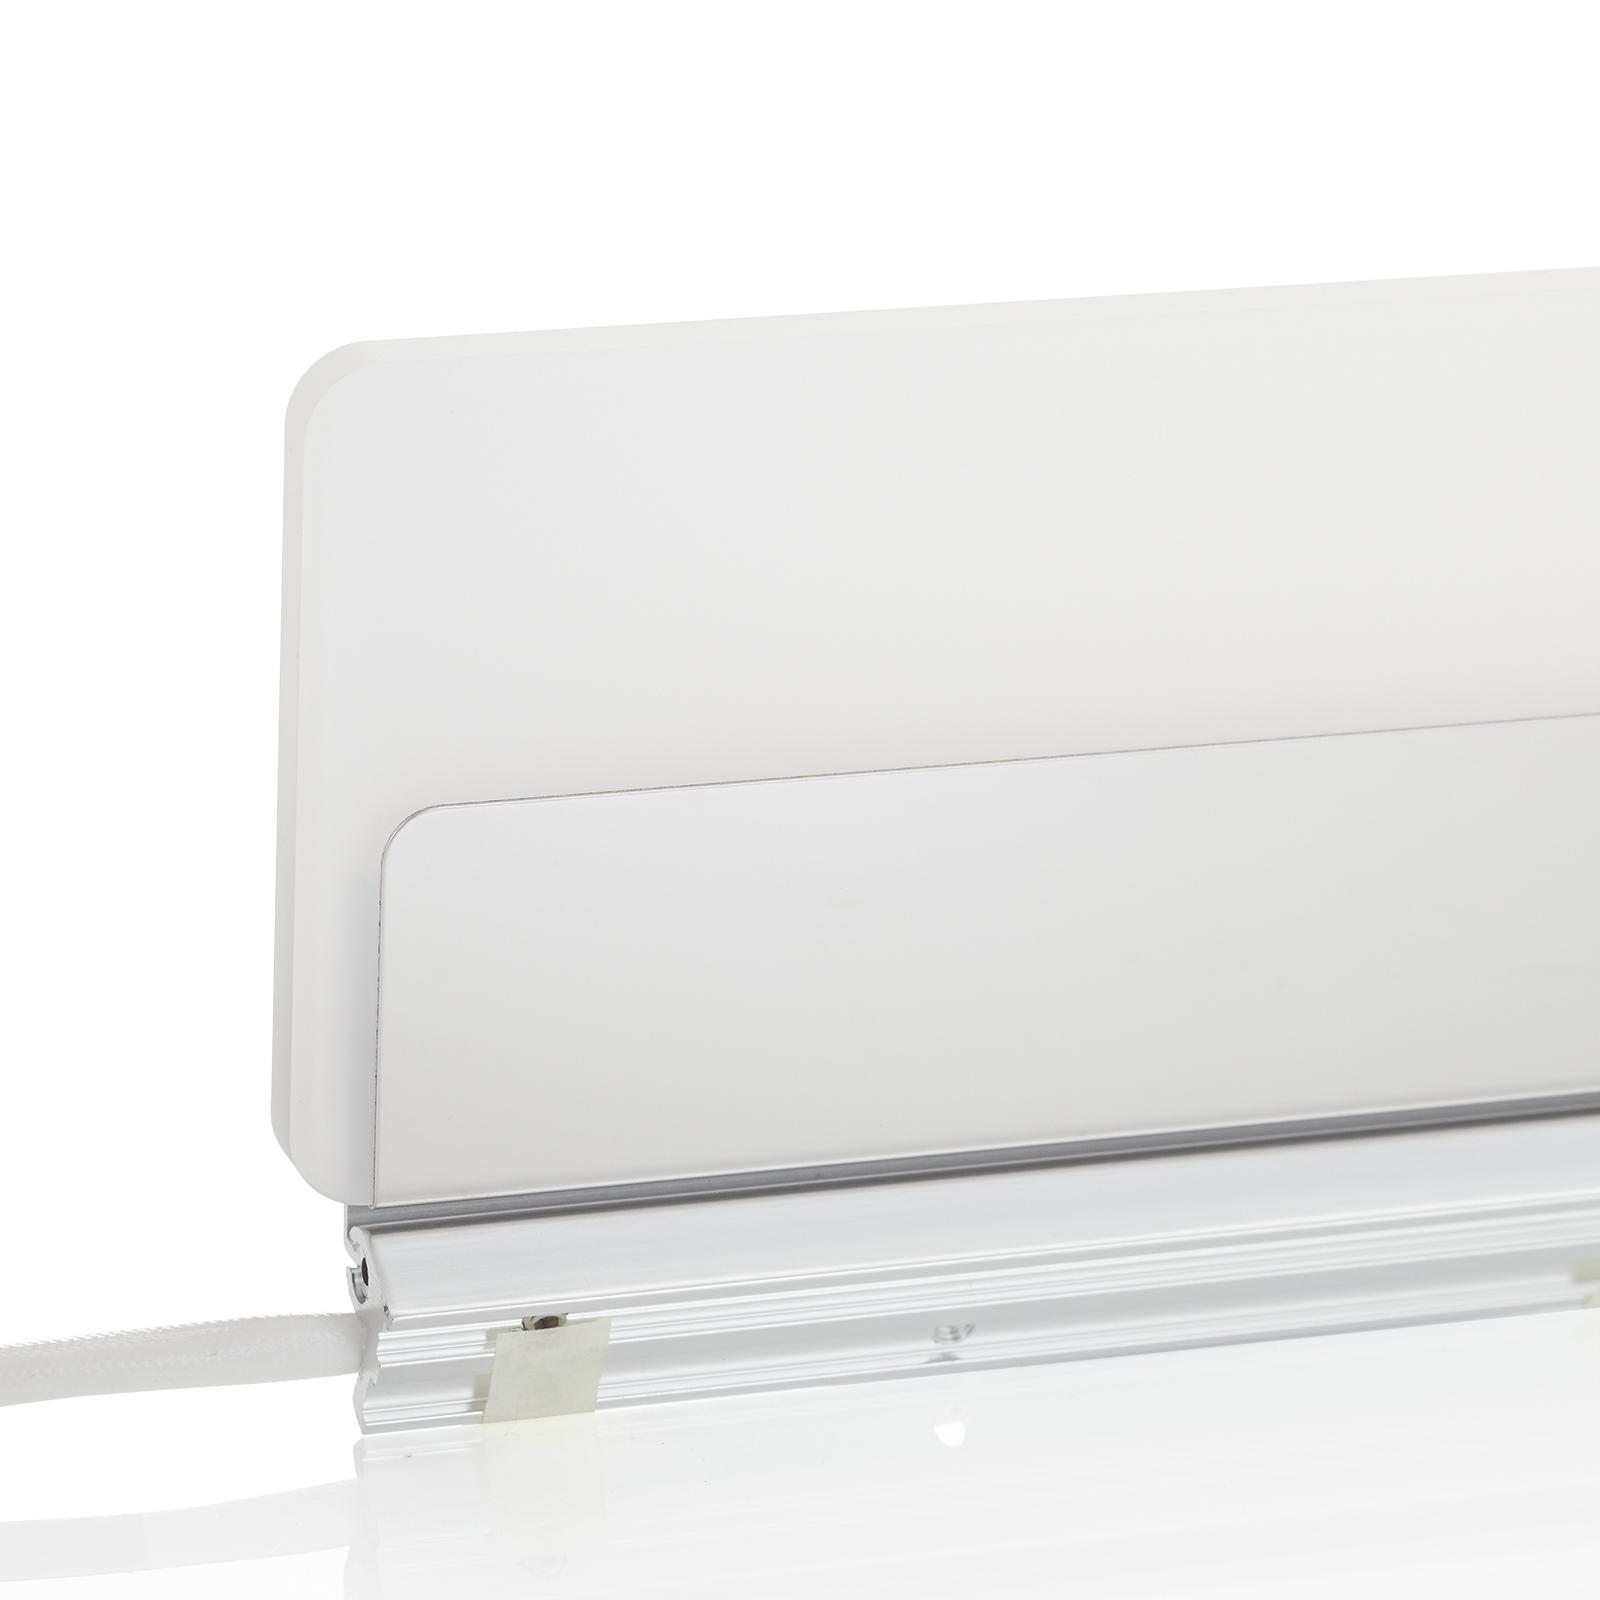 30 cm kinkiet LED nad lustro Katherine S2, IP44